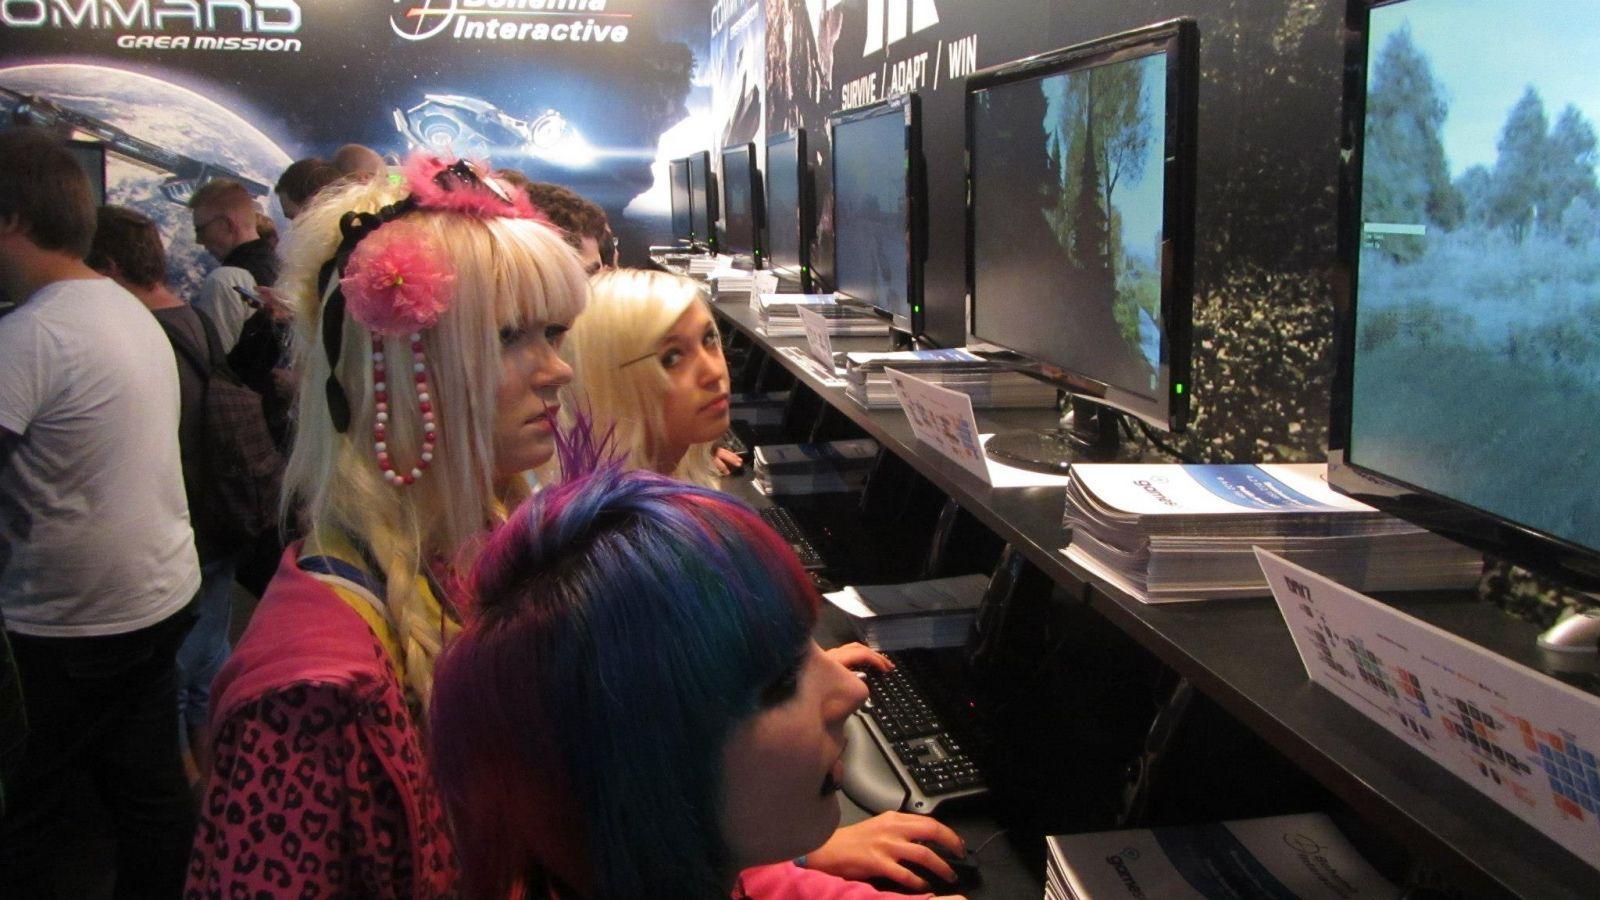 BI stend gamescom 2012 14